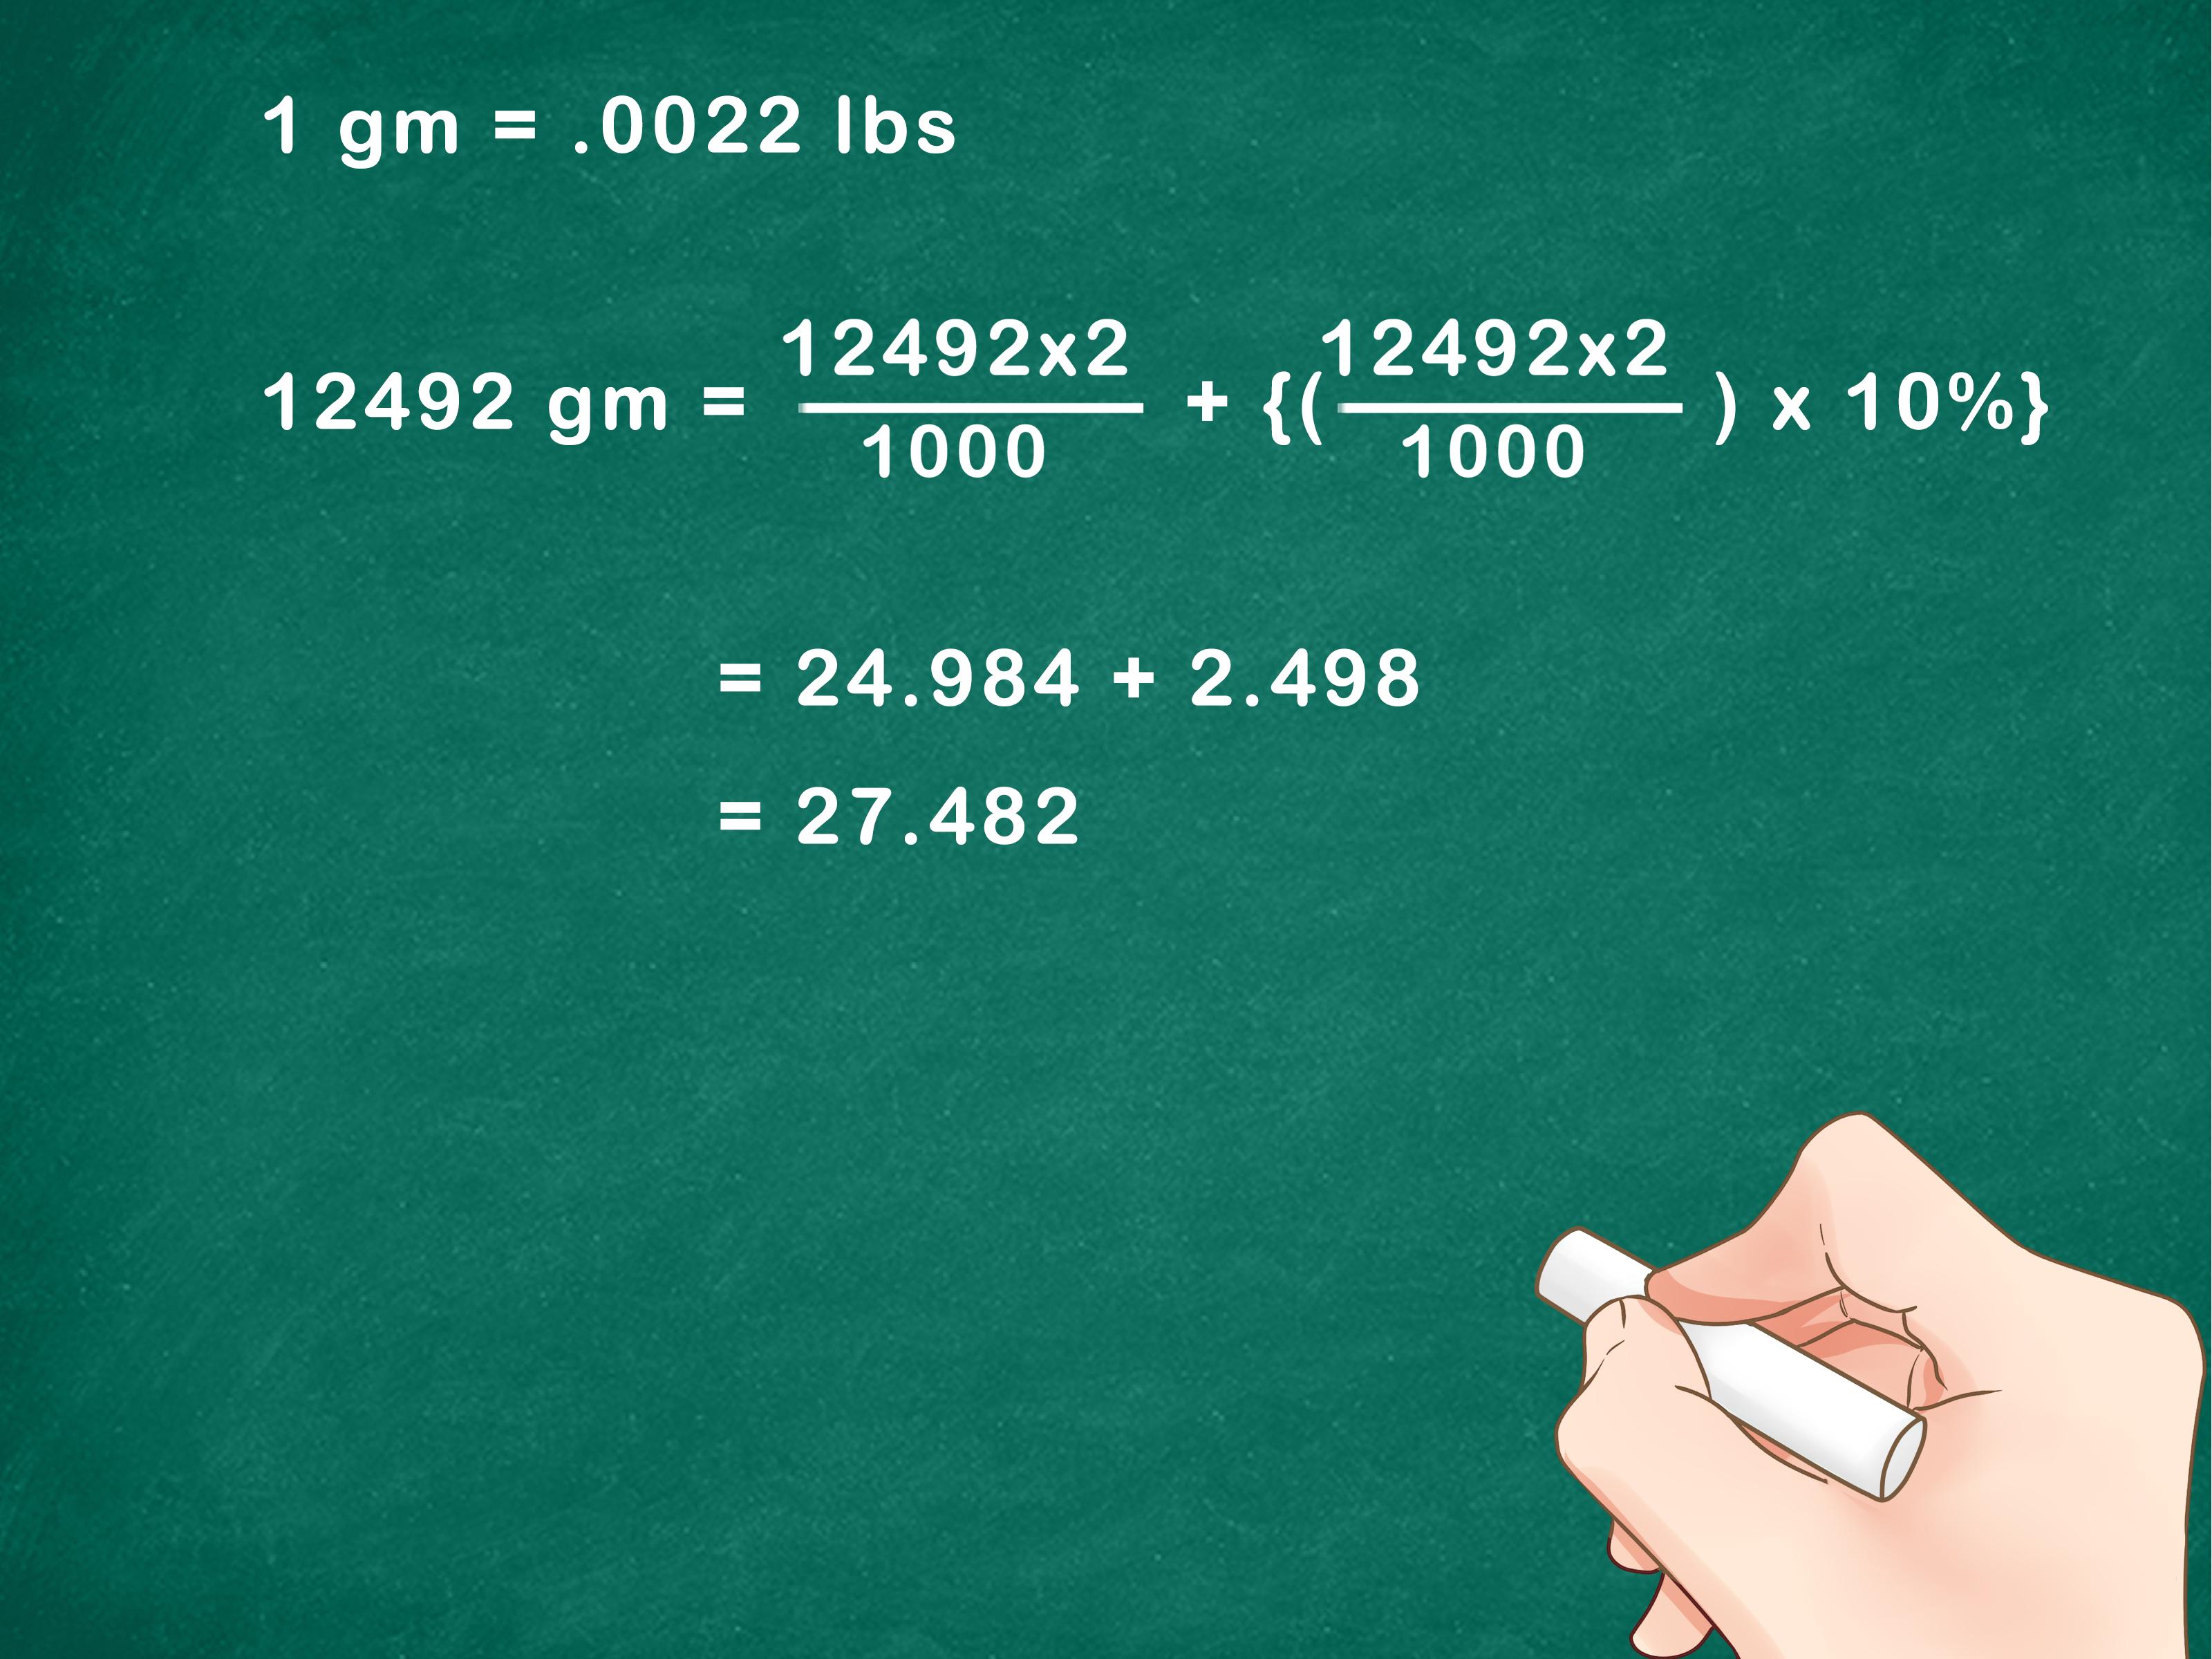 Absorbing Grain A Quart Honey How Many Pounds A Quart Convert Grams Into Pounds Step 5 How Many Pounds houzz-02 How Many Pounds In A Quart